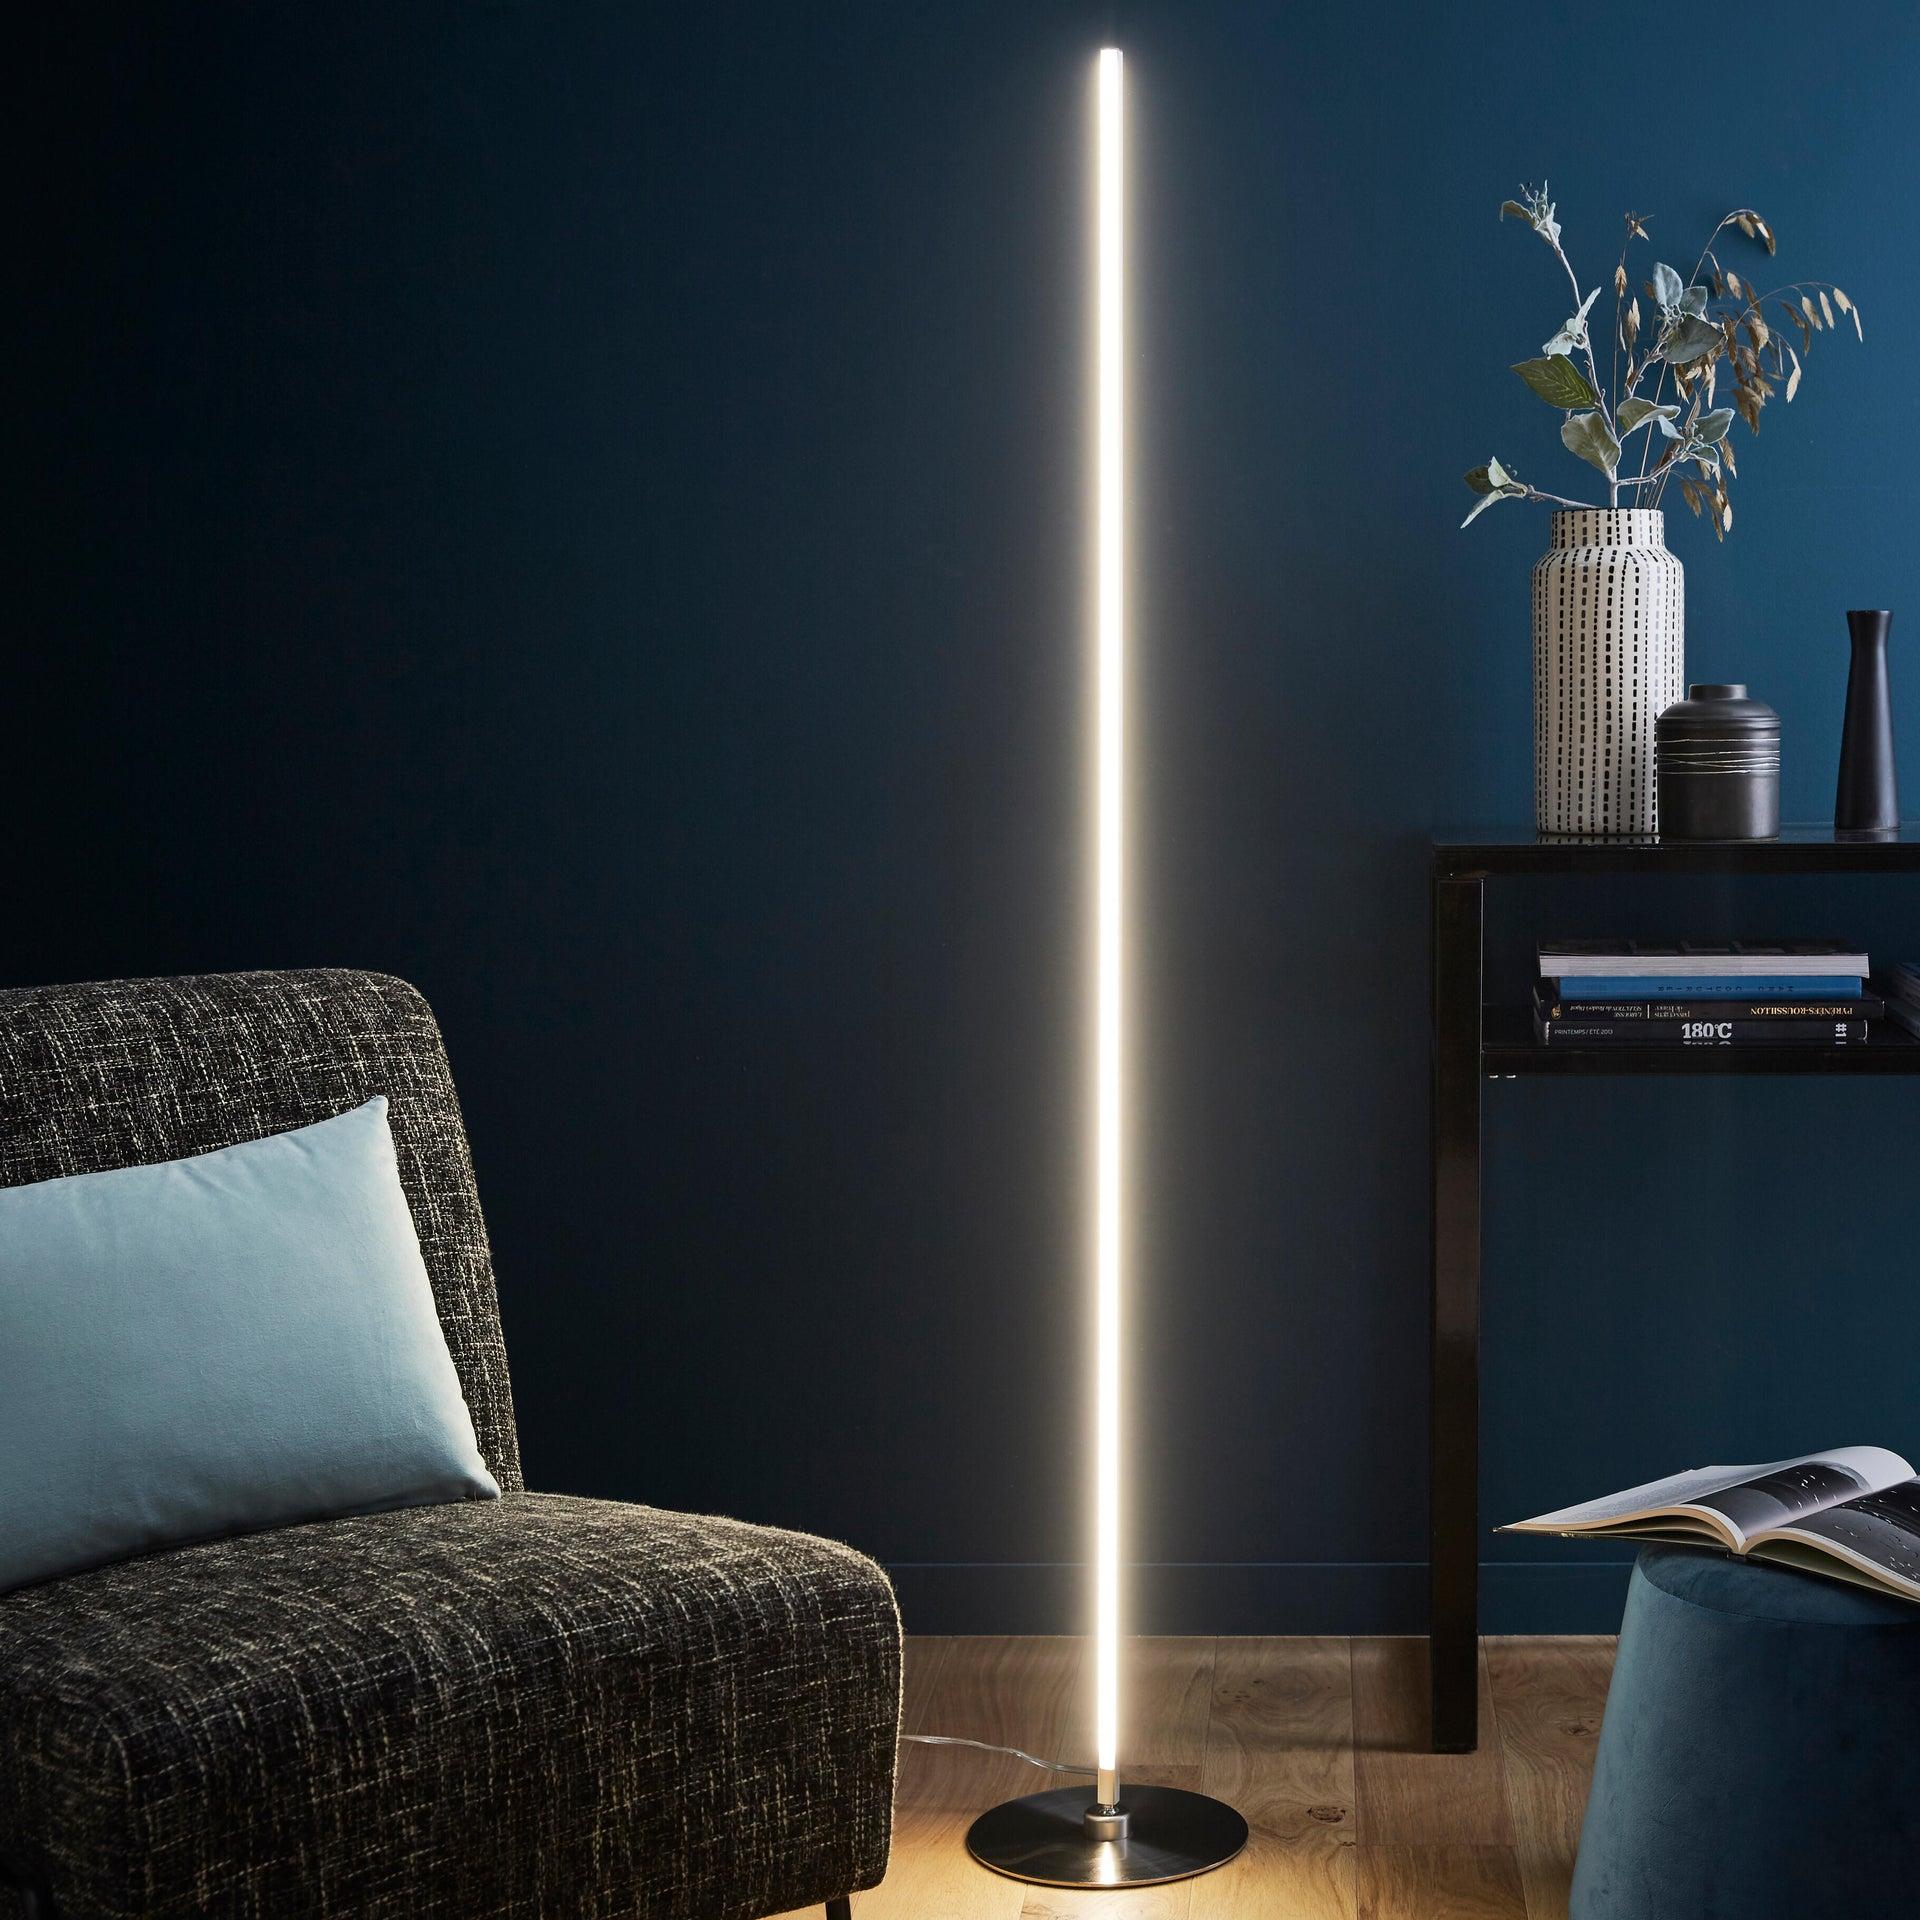 Lampada da terra Truxton cromato, in metallo, H146cm LED integrato INSPIRE - 2